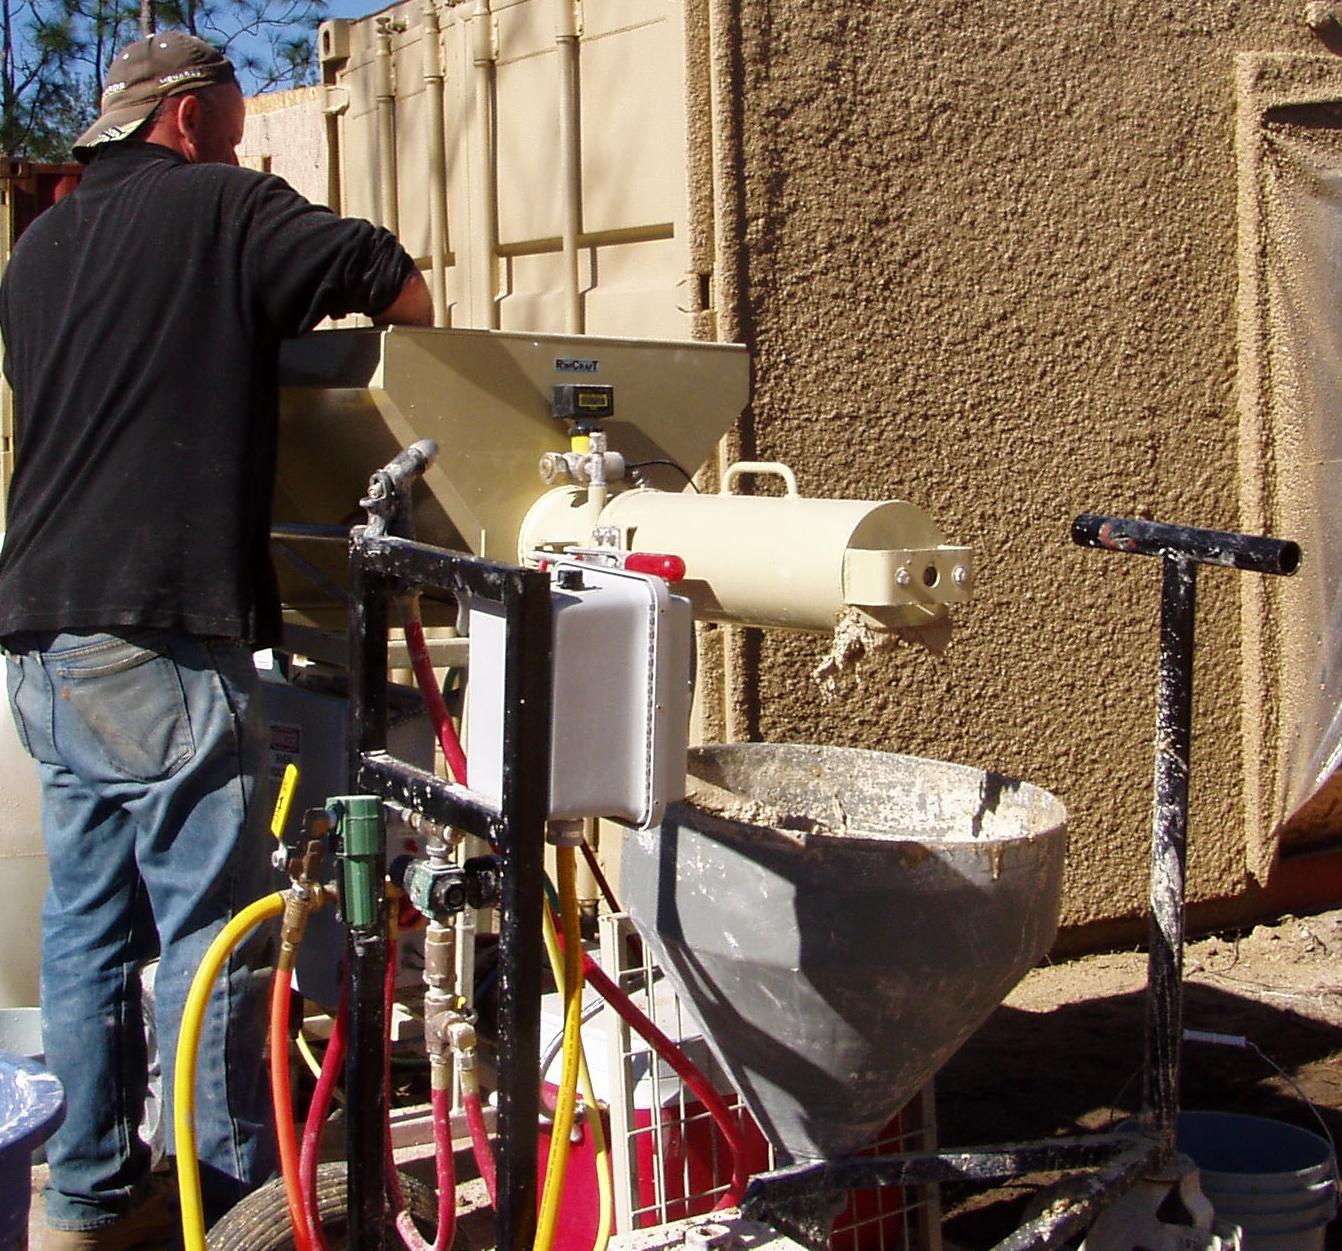 RimCaster+continuous+feed+concrete+mixer